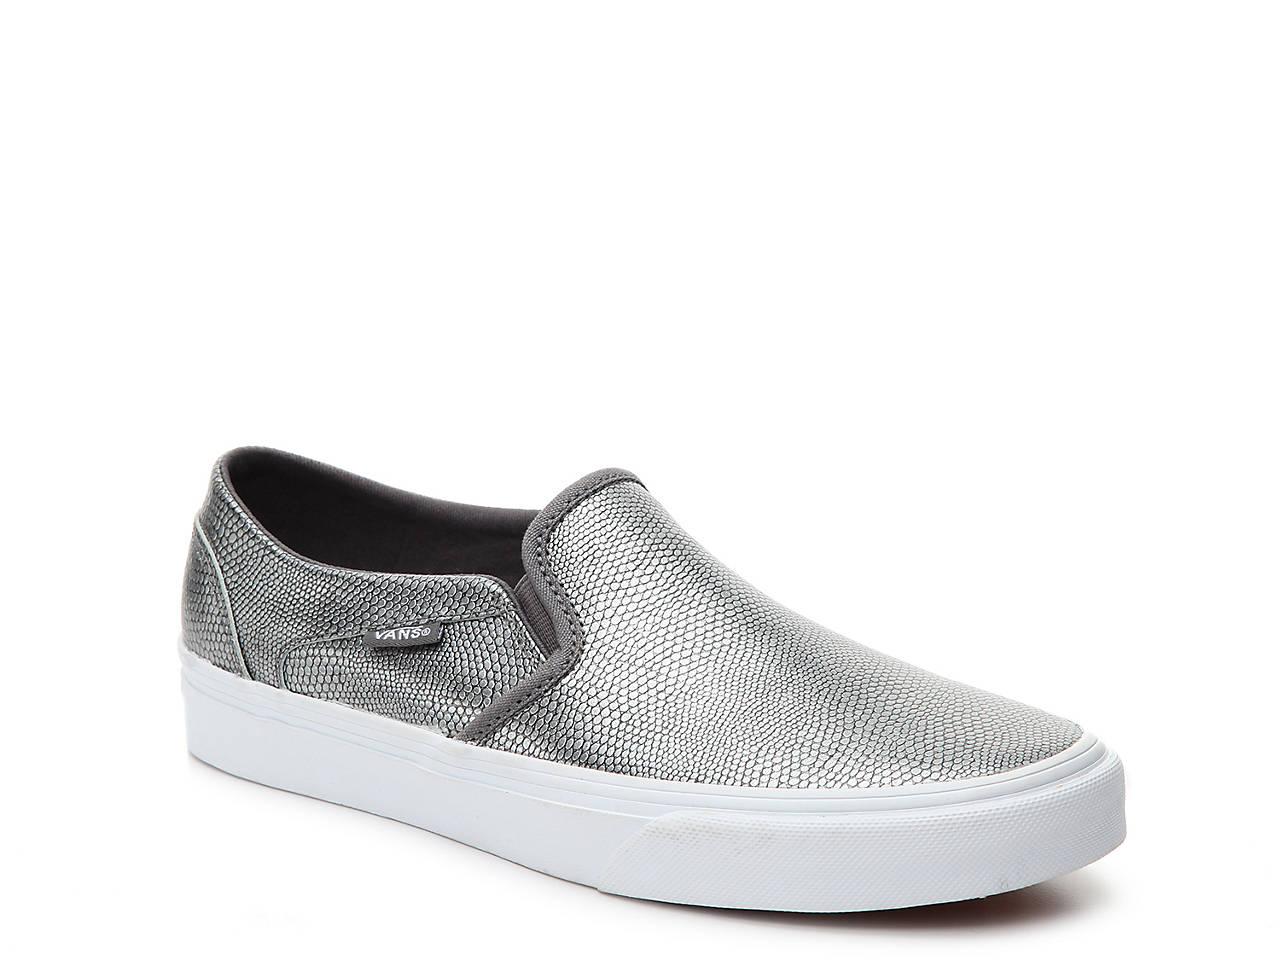 c98ab352d7 Vans Asher Slip-On Sneaker - Women s Men s Shoes